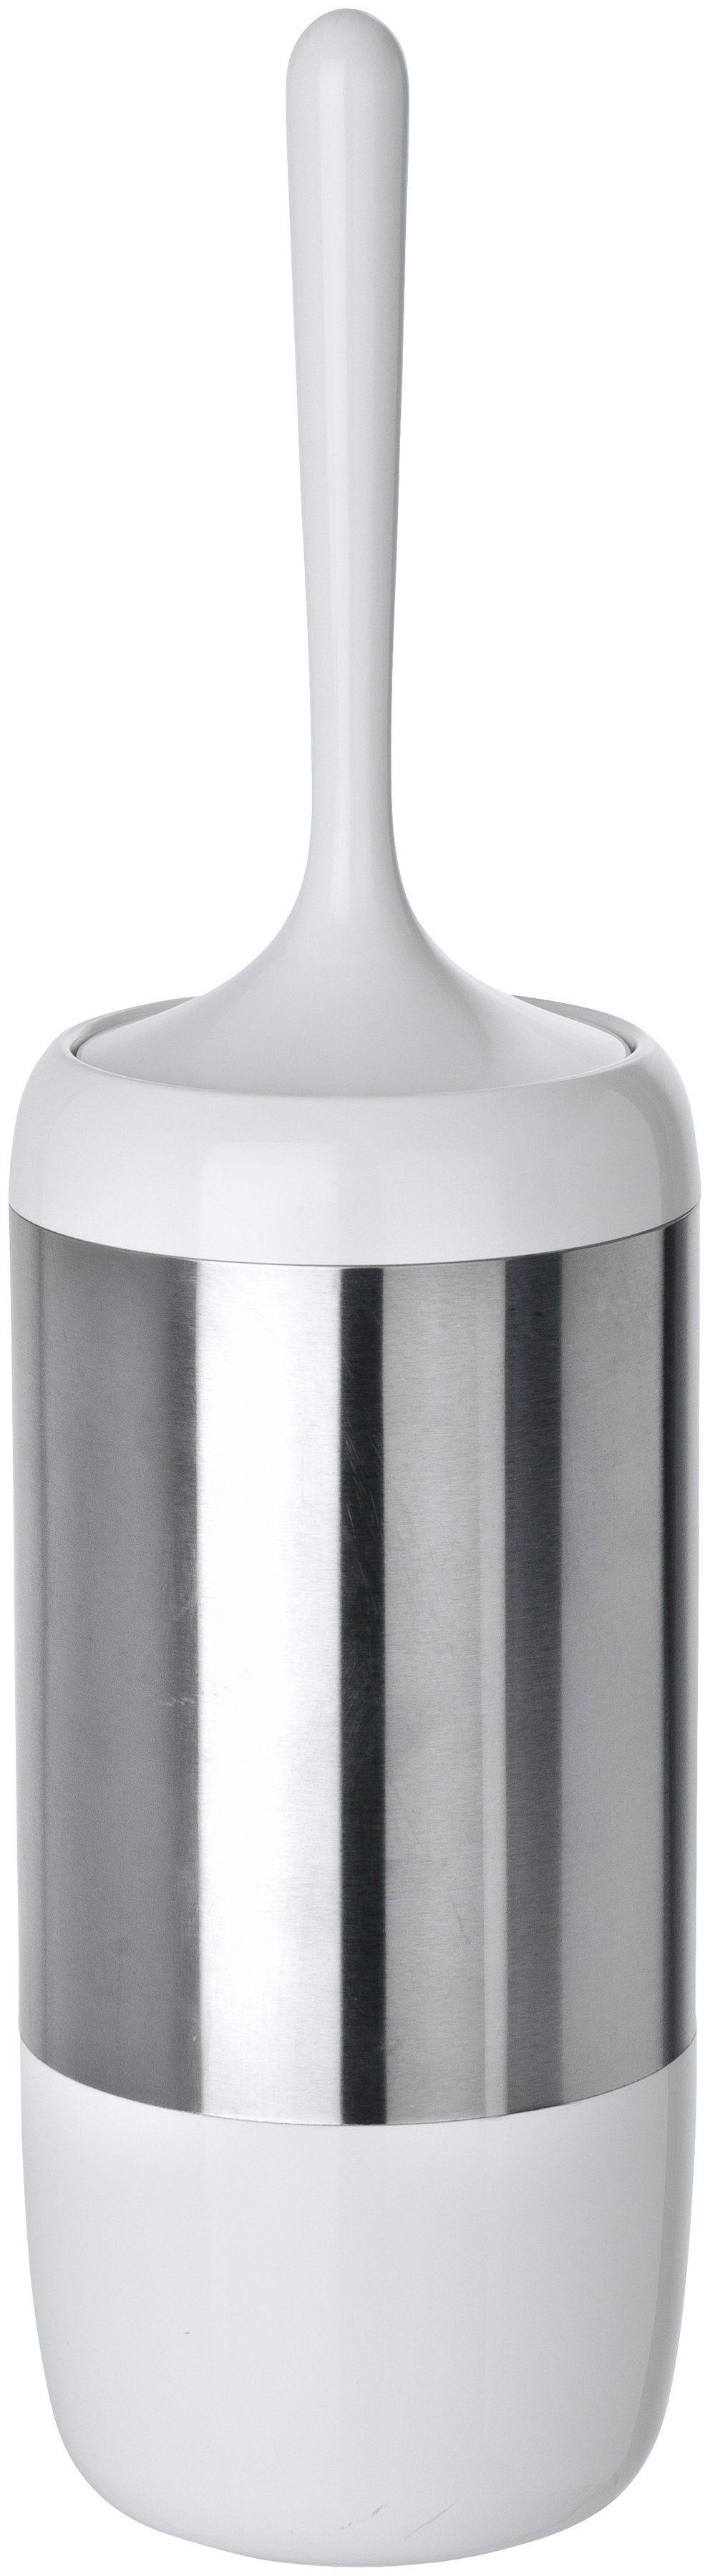 WC-Garnitur »Loft«